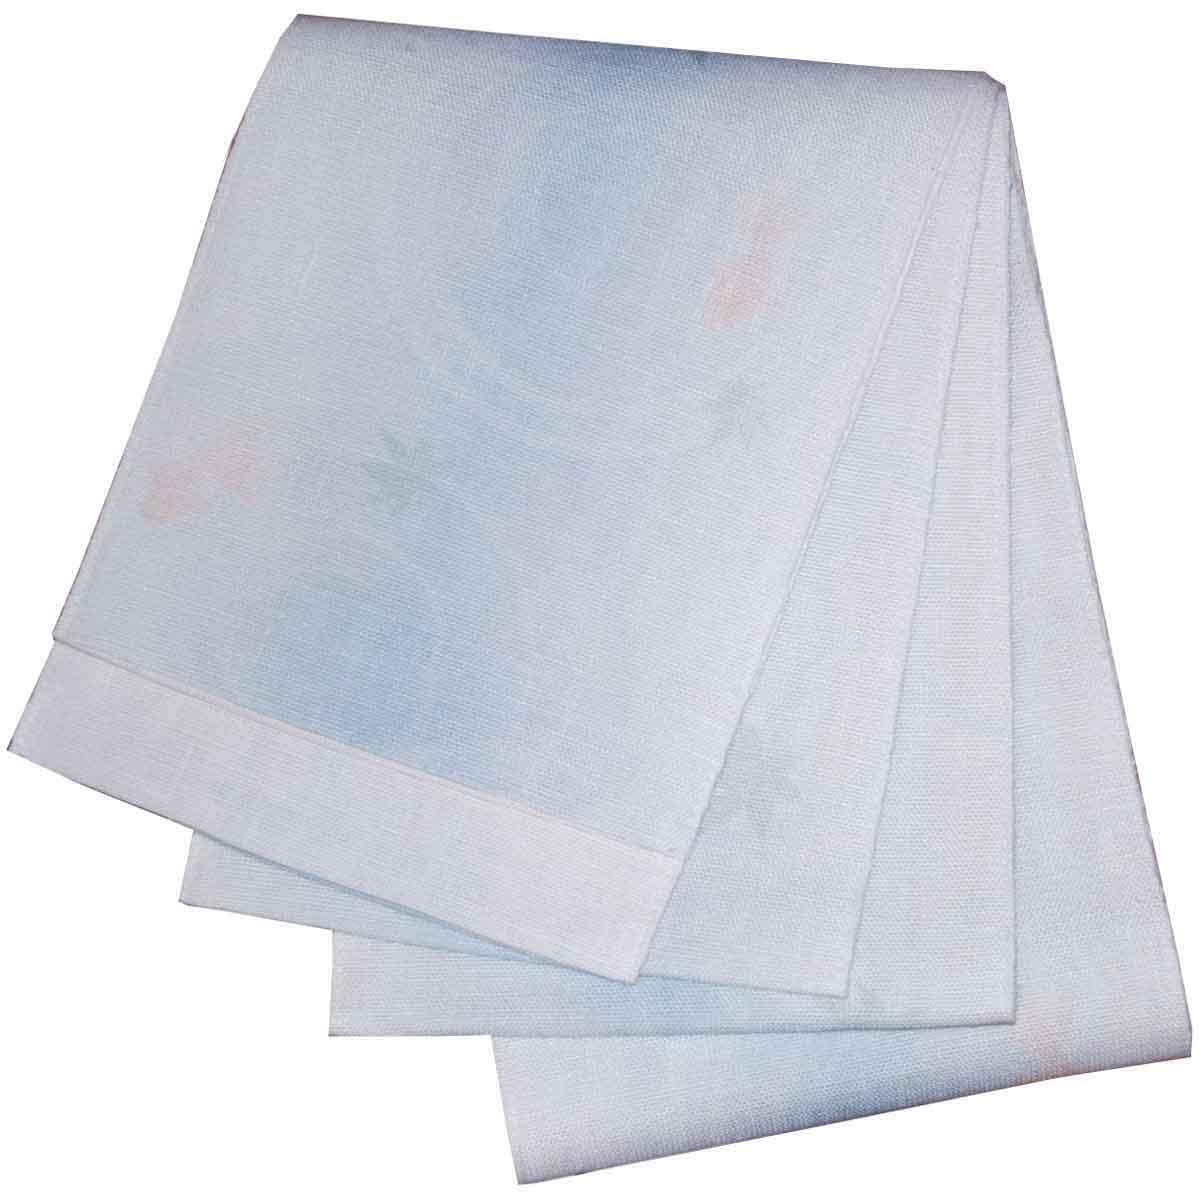 5%OFF クーポン 送料無料 日本製 本麻ボカシ 浴衣帯 半幅帯 半幅帯 小袋帯 金魚柄 水色 出店10周年記念